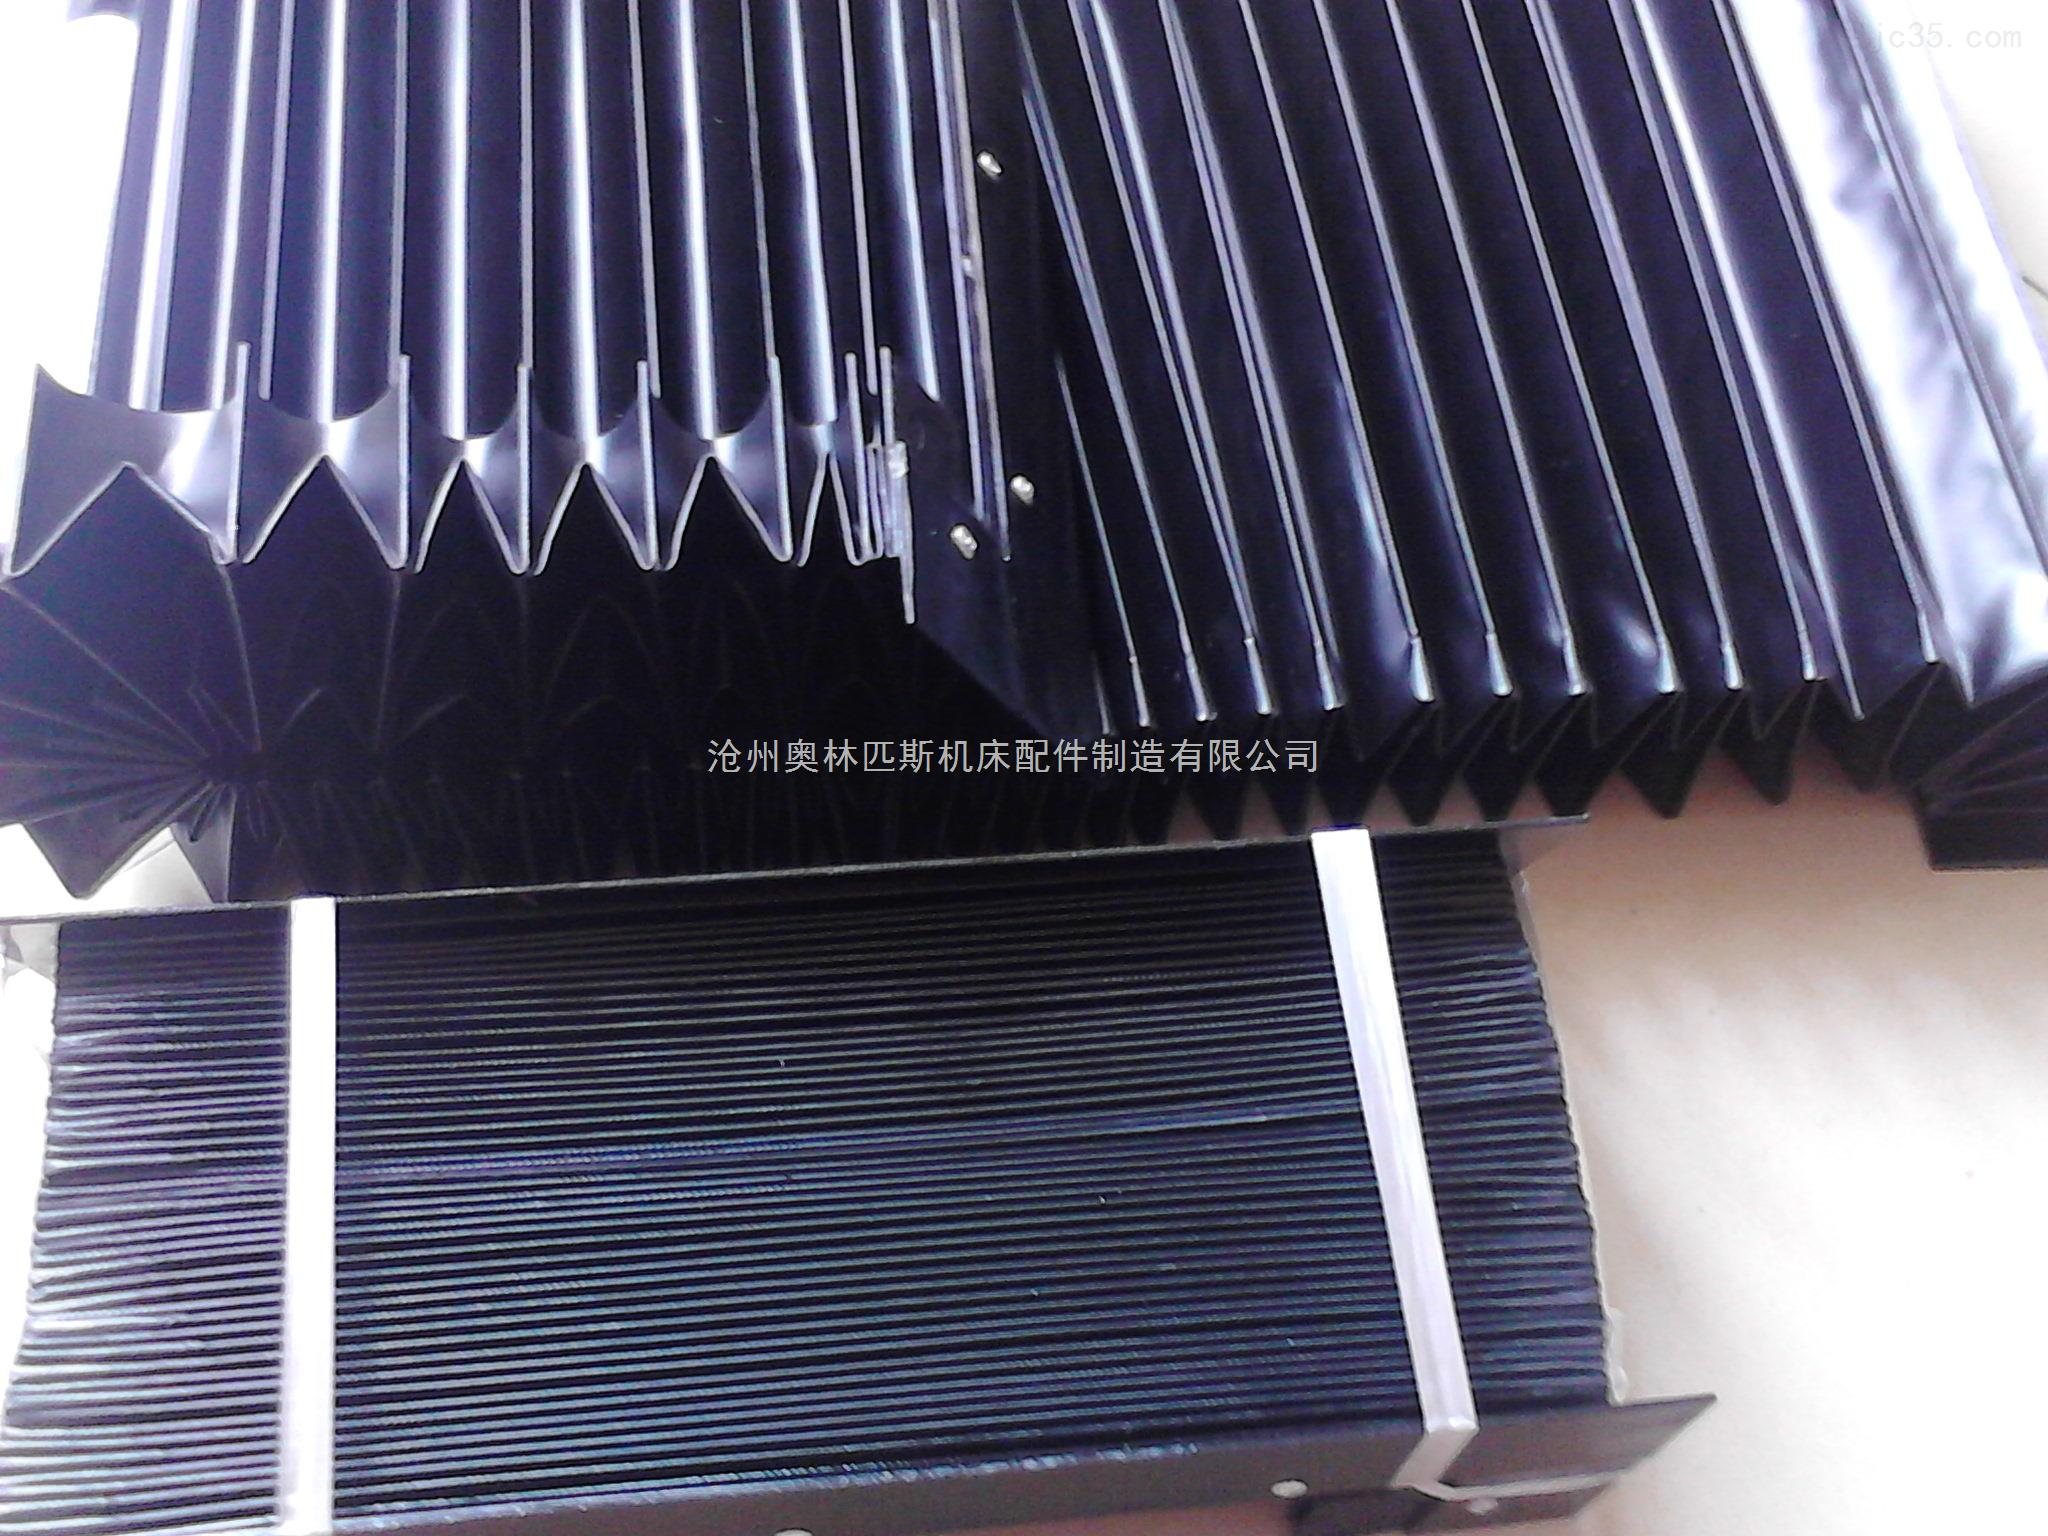 风琴式防护罩,防尘罩